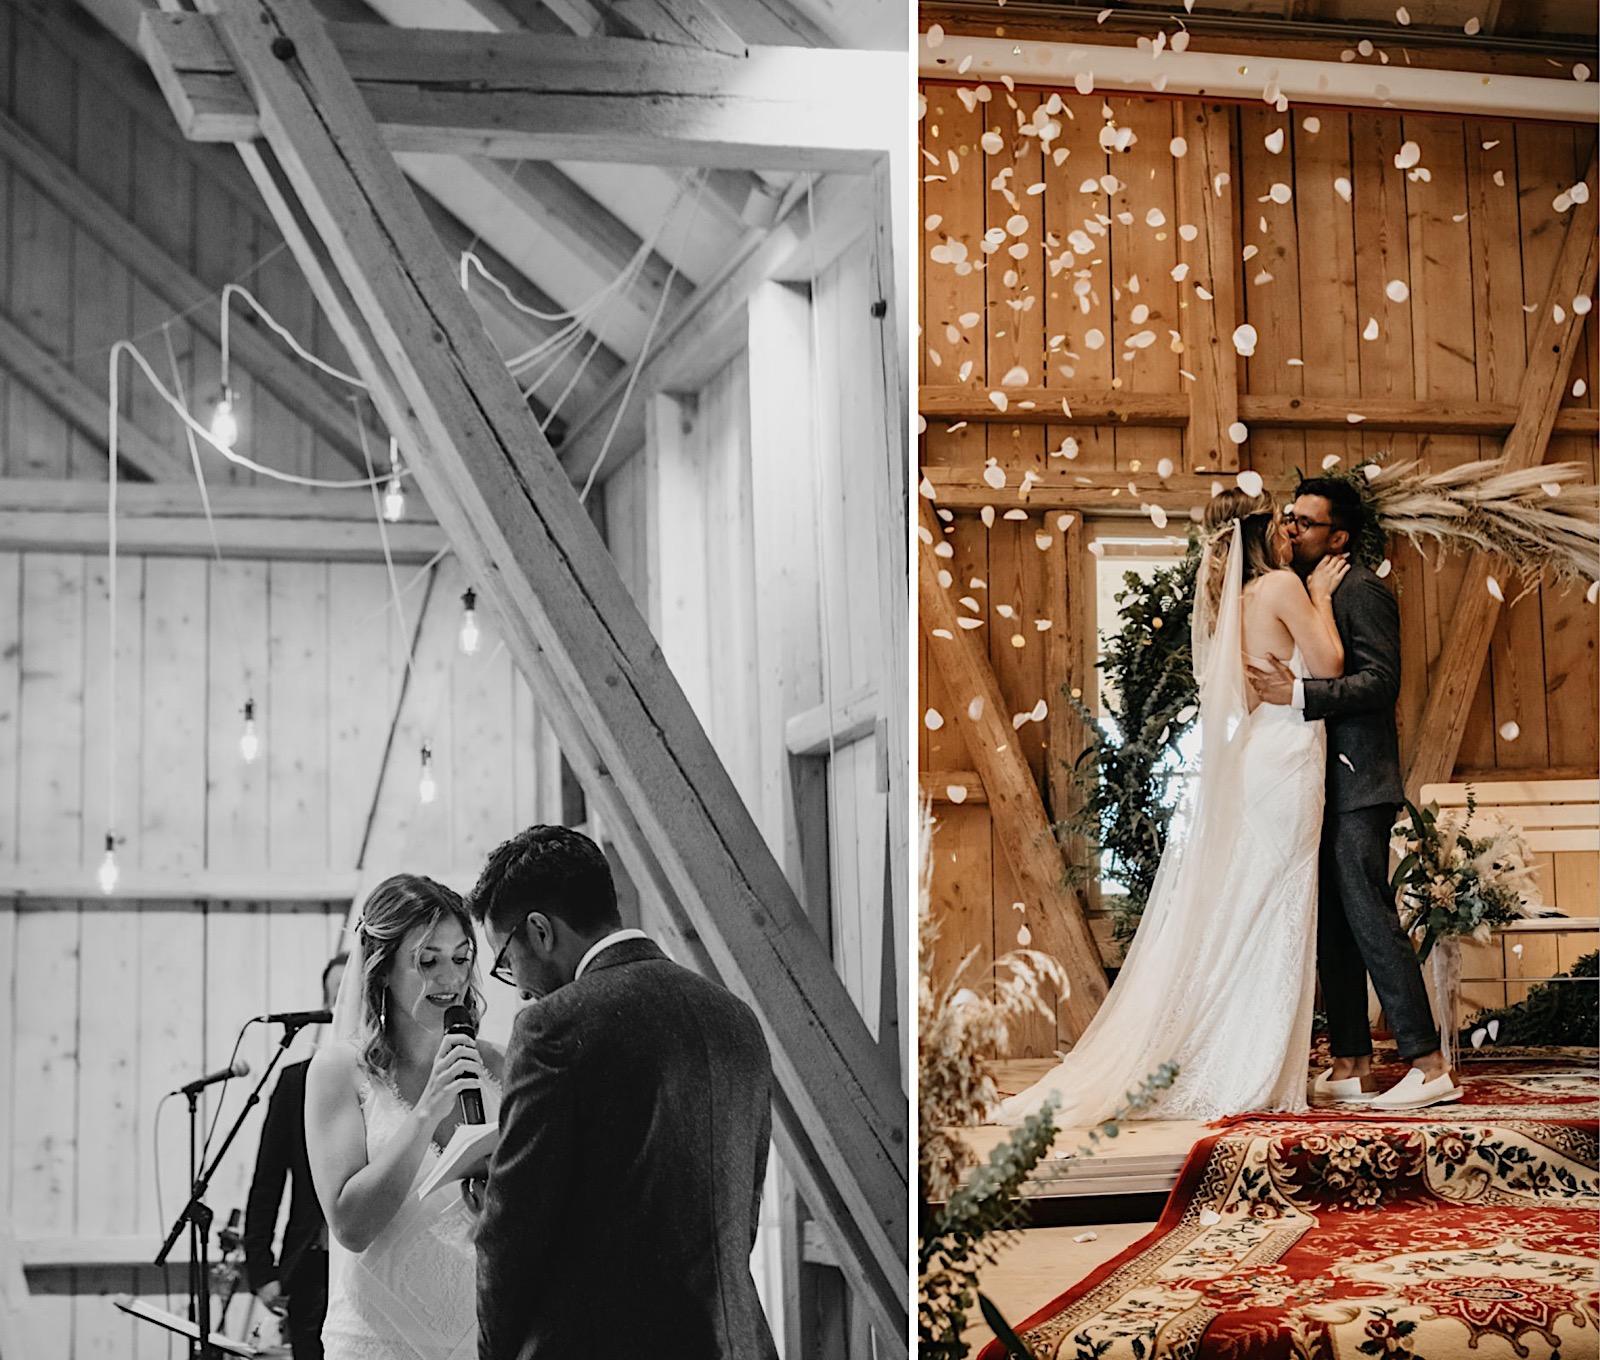 42_bohowedding_ceremony_intimate_wedding (35 von 39)_bohowedding_ceremony_intimate_wedding (33 von 39).jpg